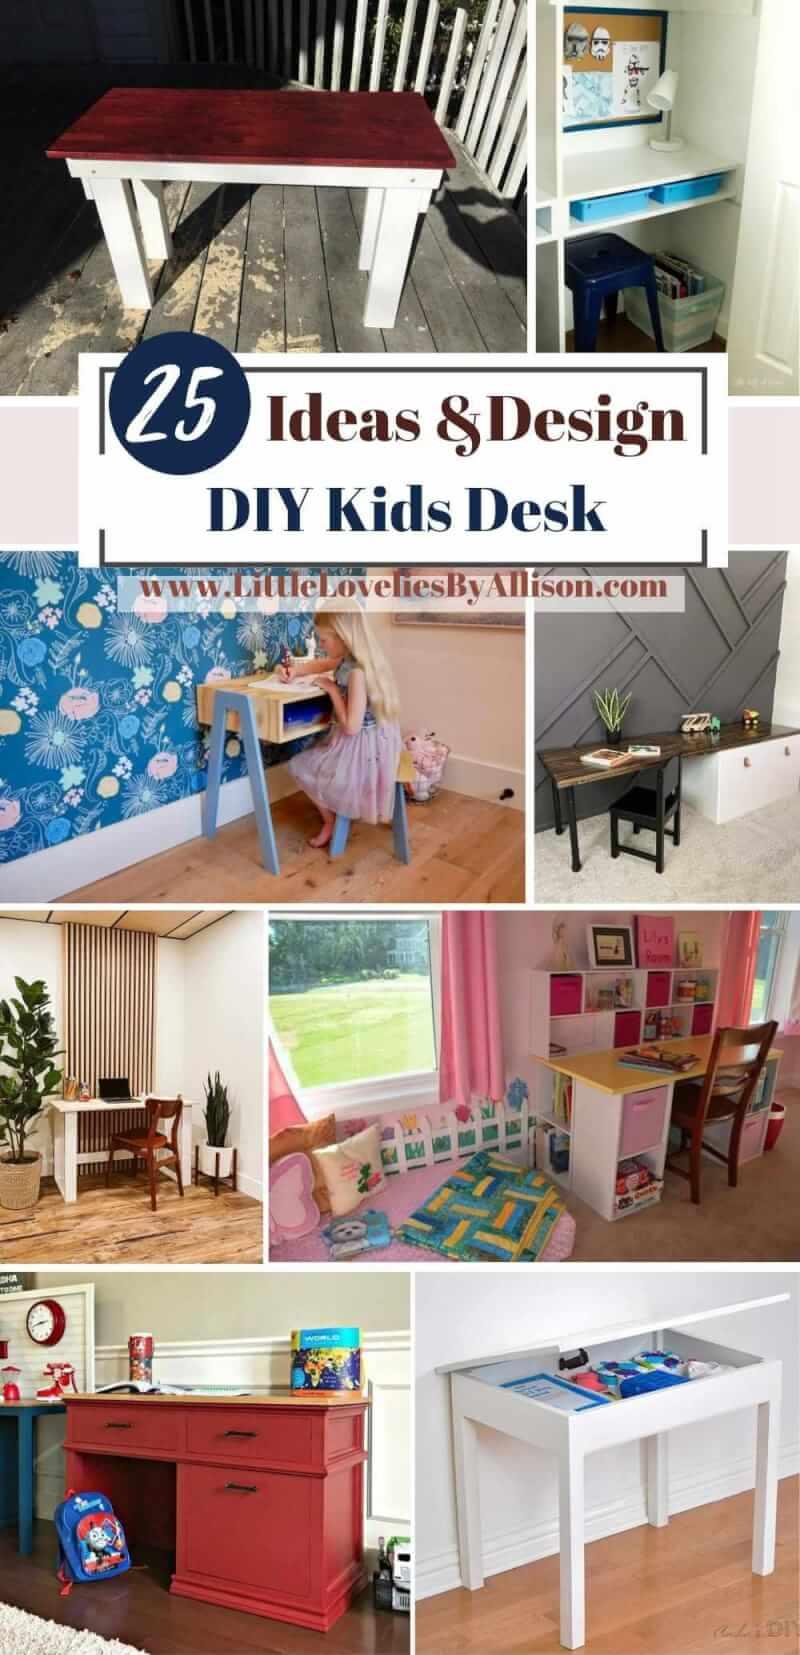 25 DIY Kids Desk_ How To Make A Kids Desk